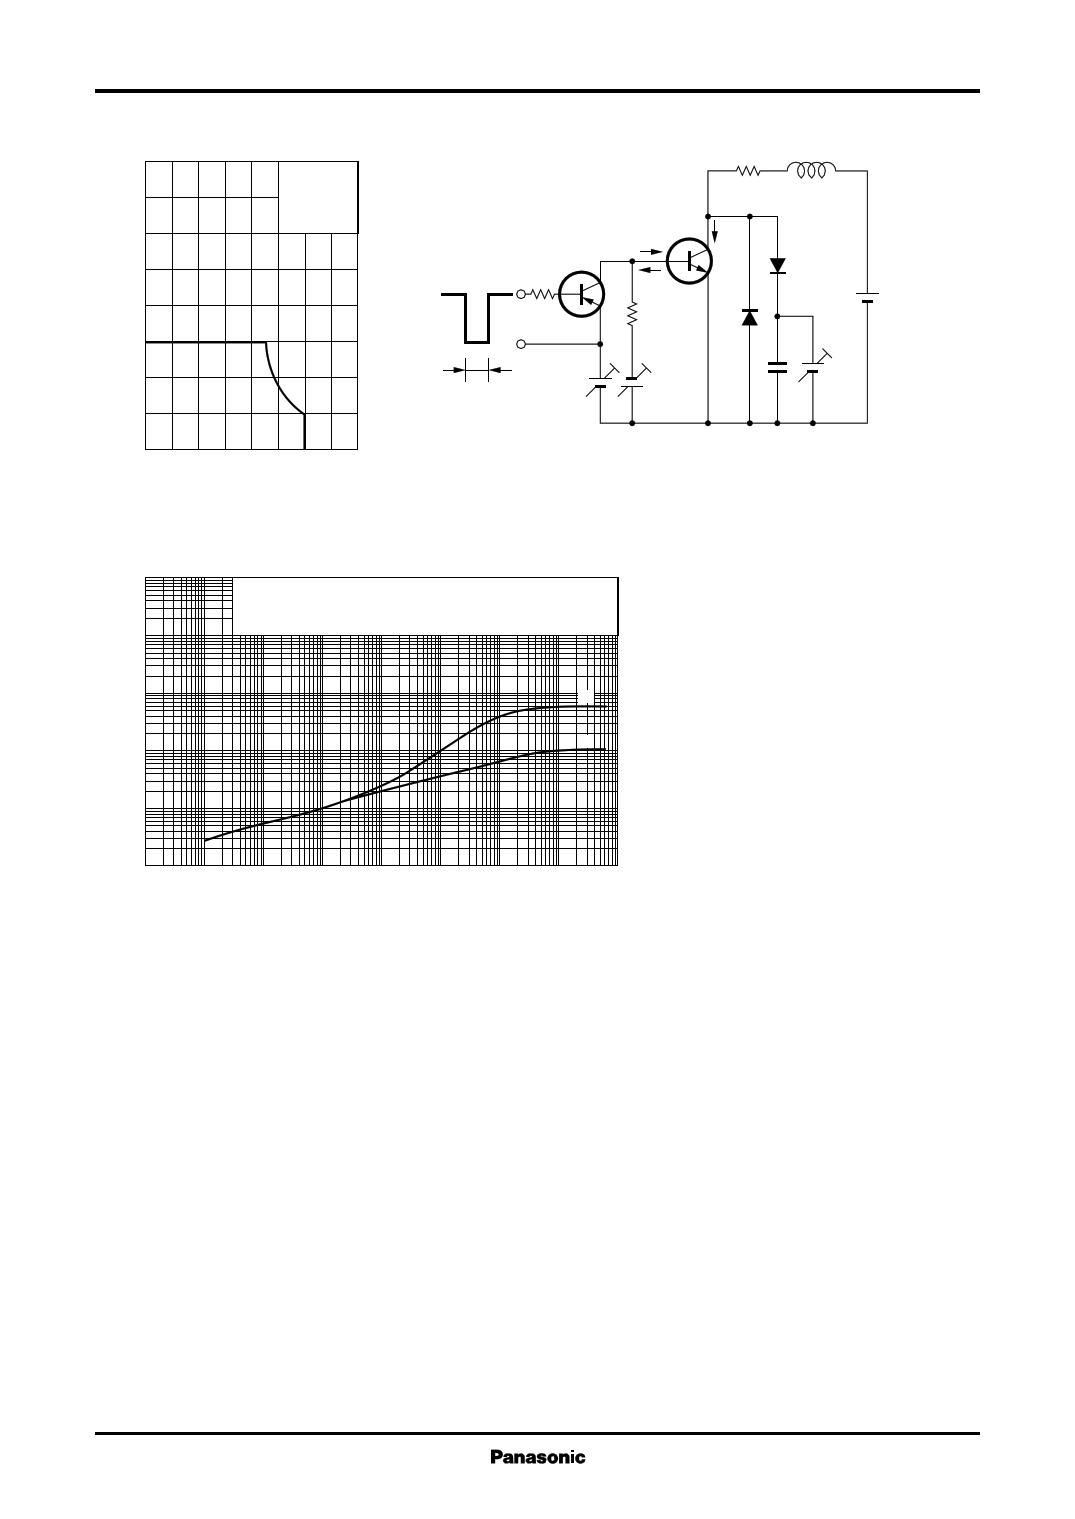 C5127 pdf, ピン配列